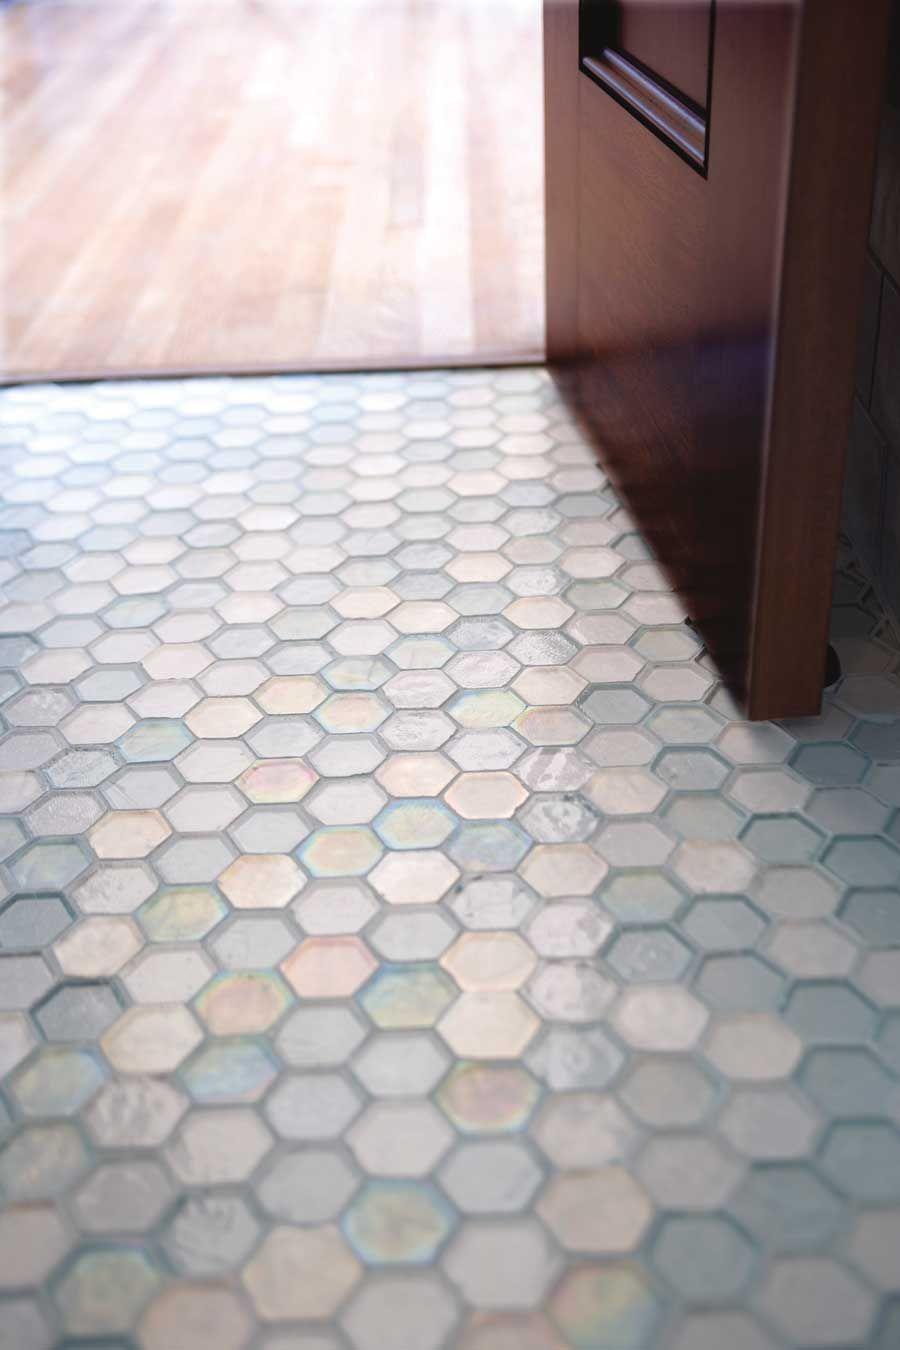 Impressing Glass Floor Tile Bathroom Of Oceanside Tile We Love The B Tile